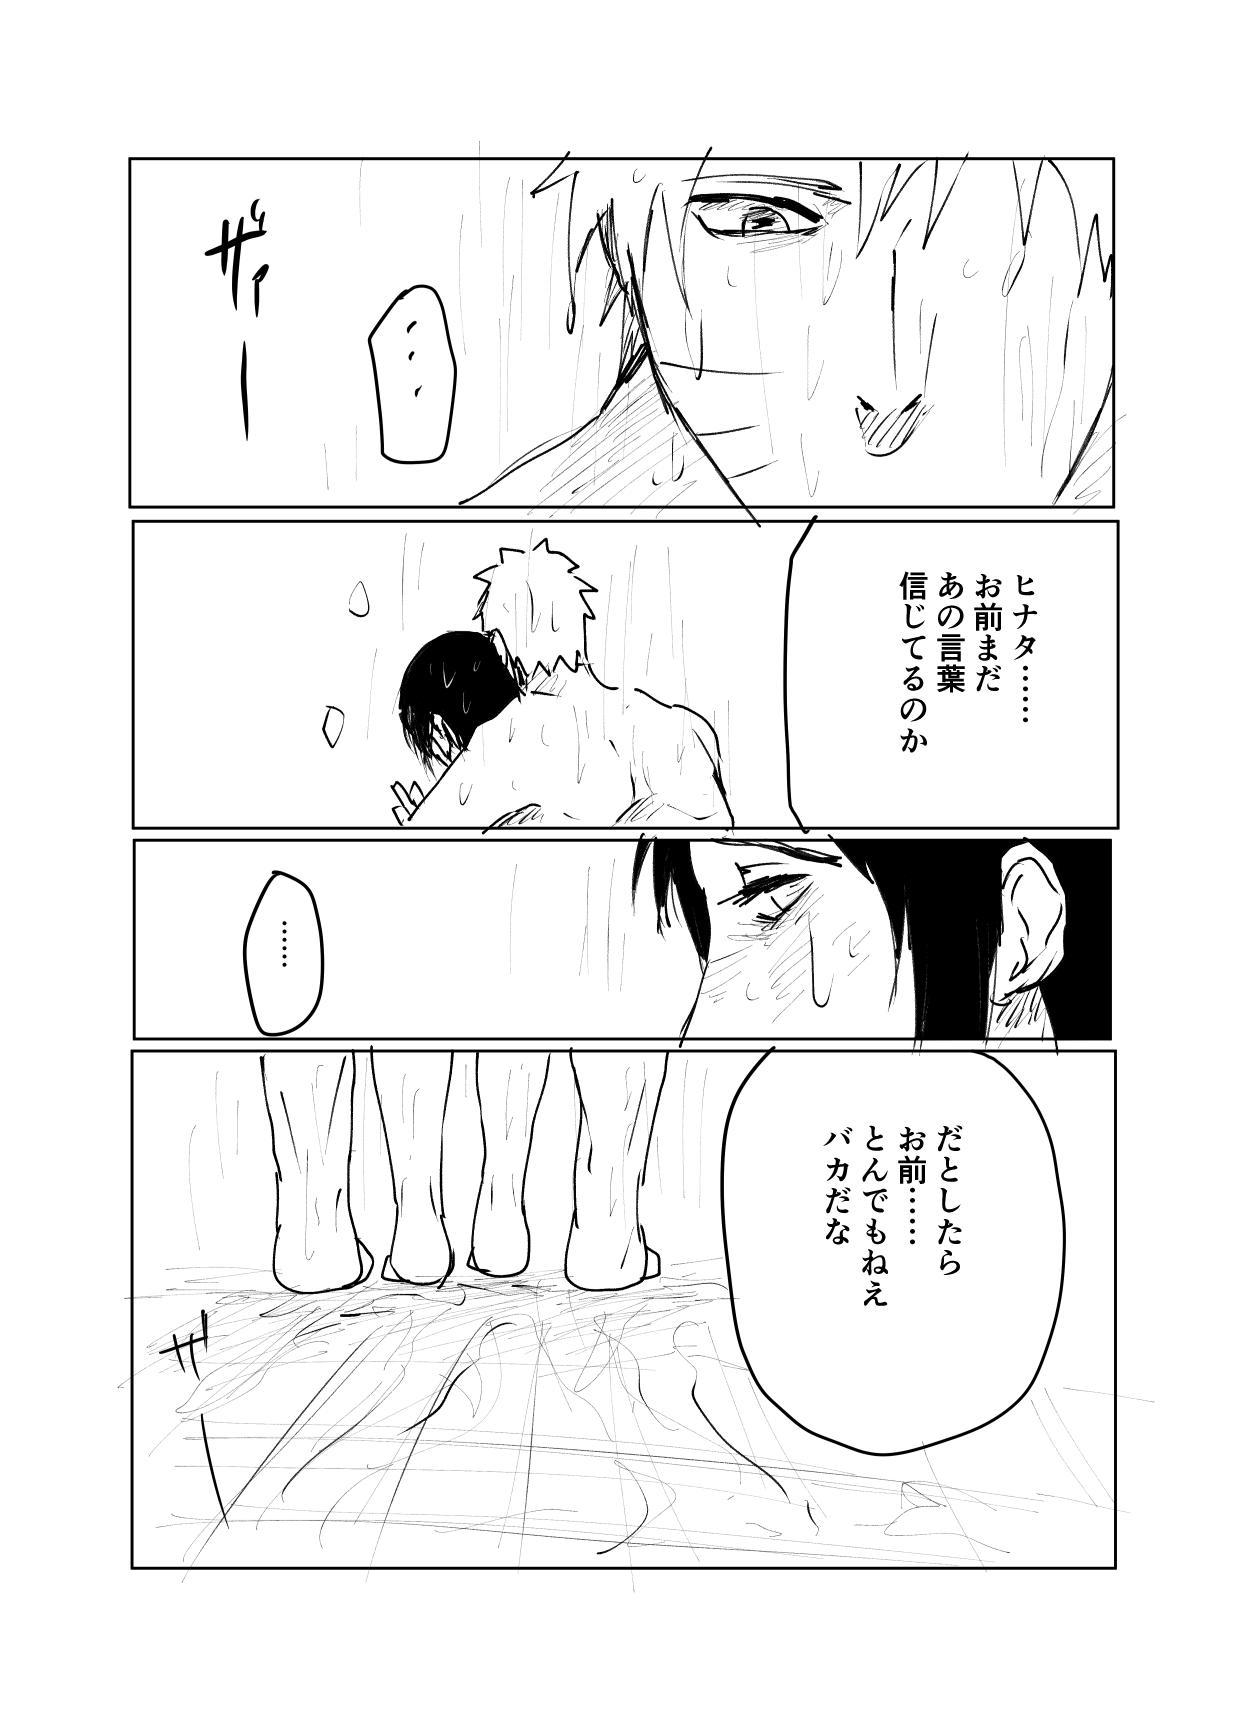 嘘告白漫画 94